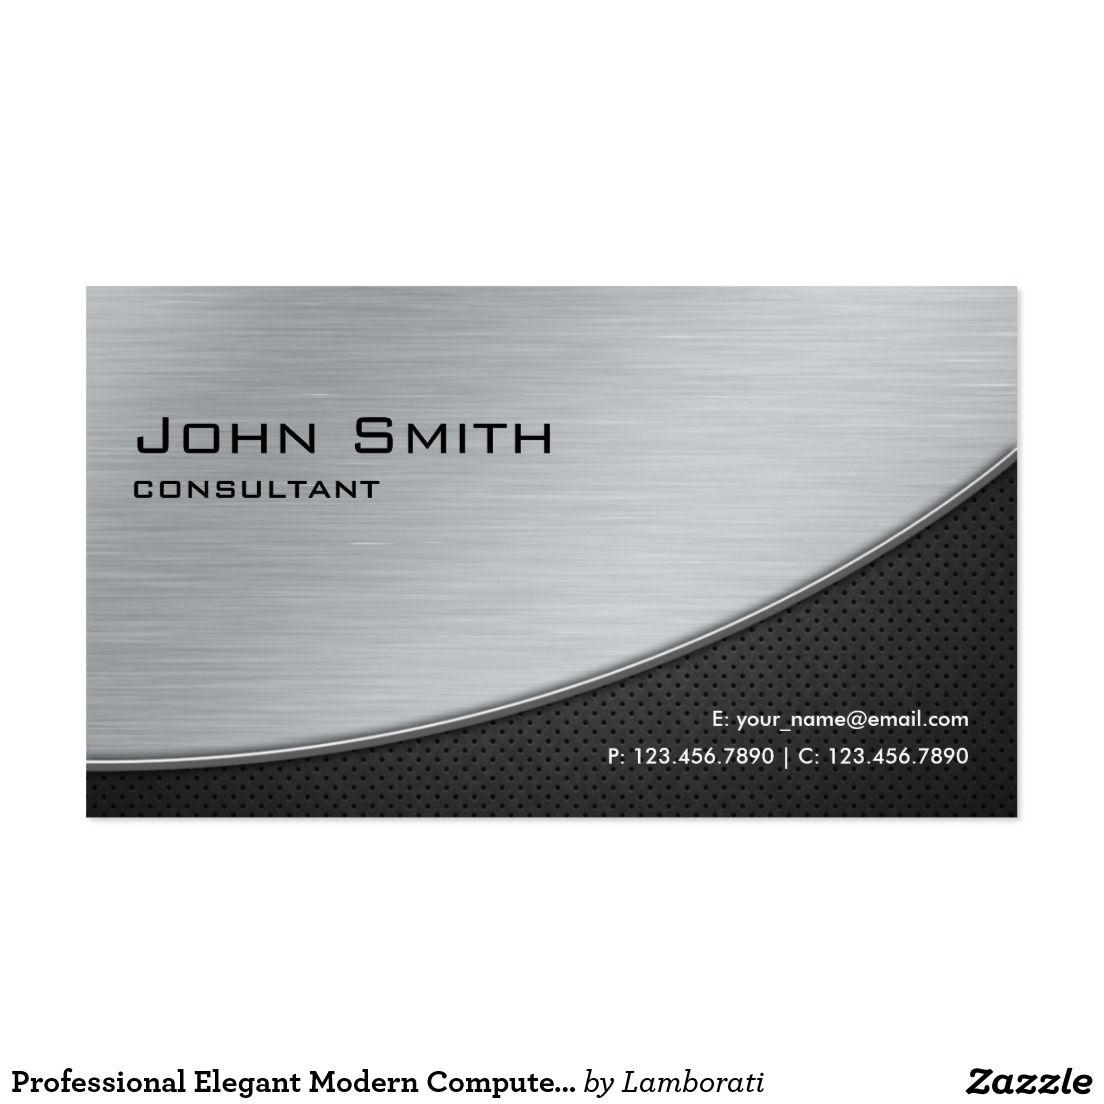 Professional elegant modern computer repair silver business card professional elegant modern computer repair silver business card magicingreecefo Images